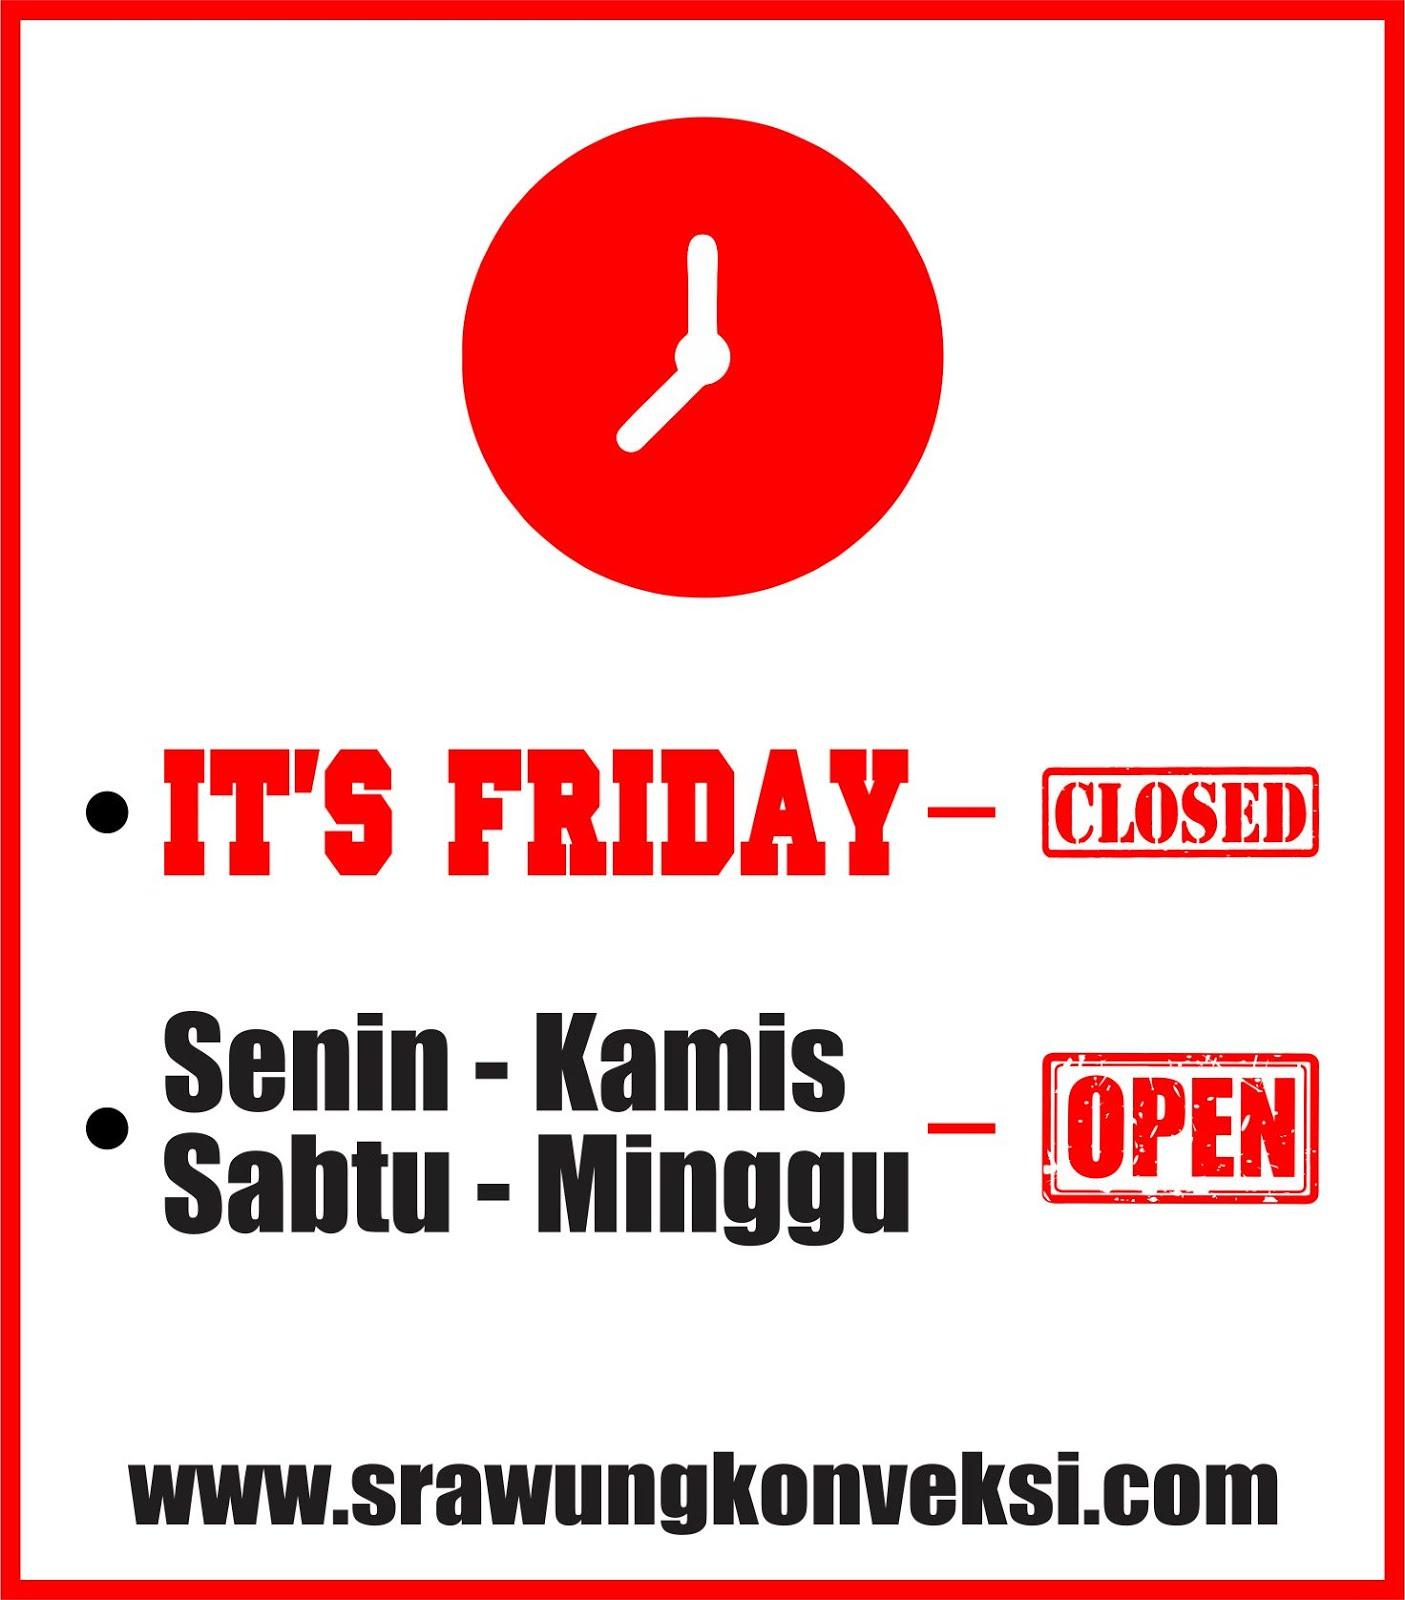 We're Open !!